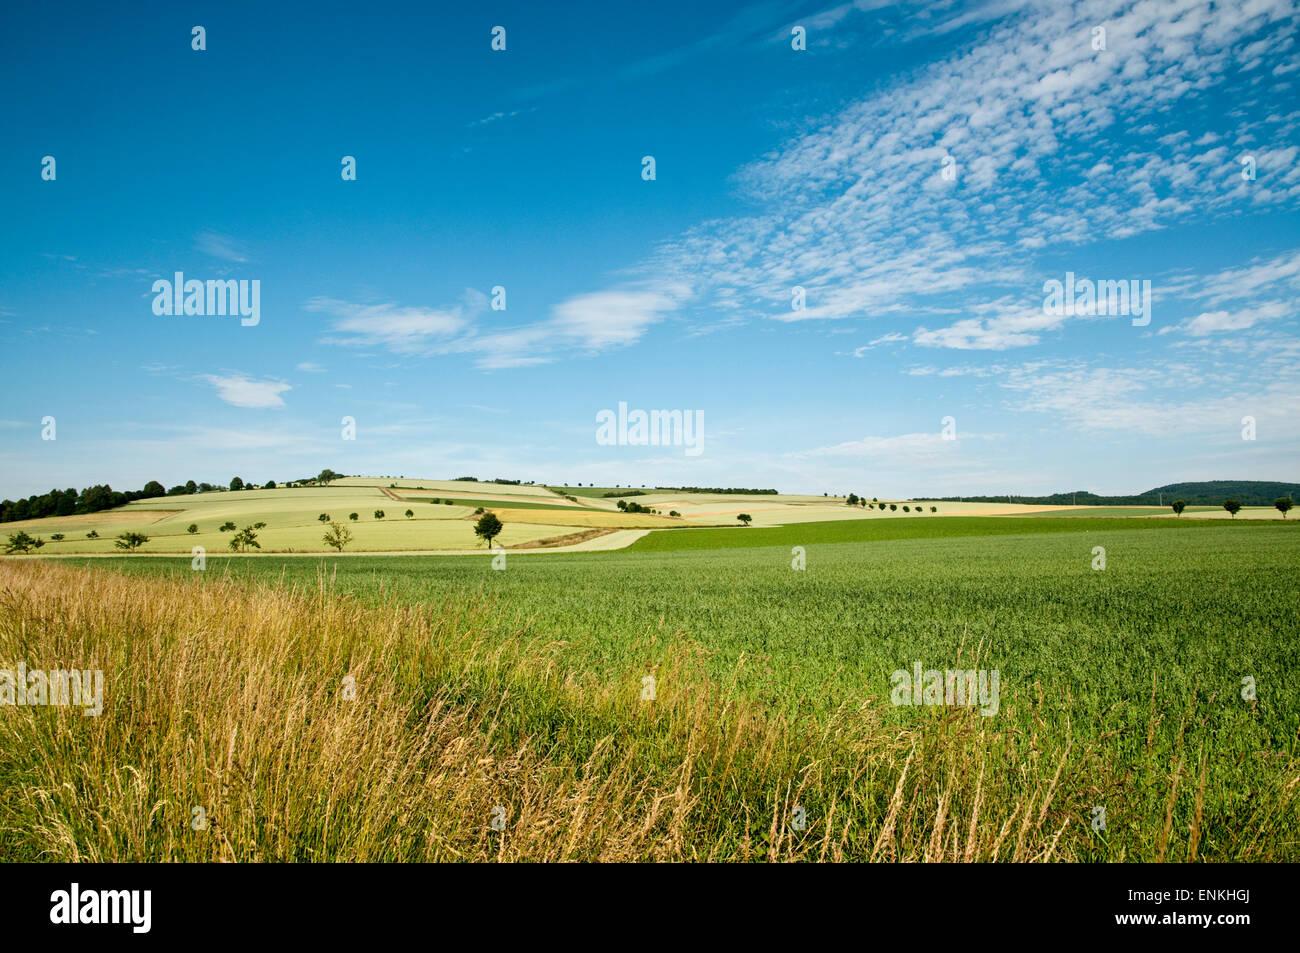 Suède Paysage, Basse-Saxe, Allemagne Banque D'Images